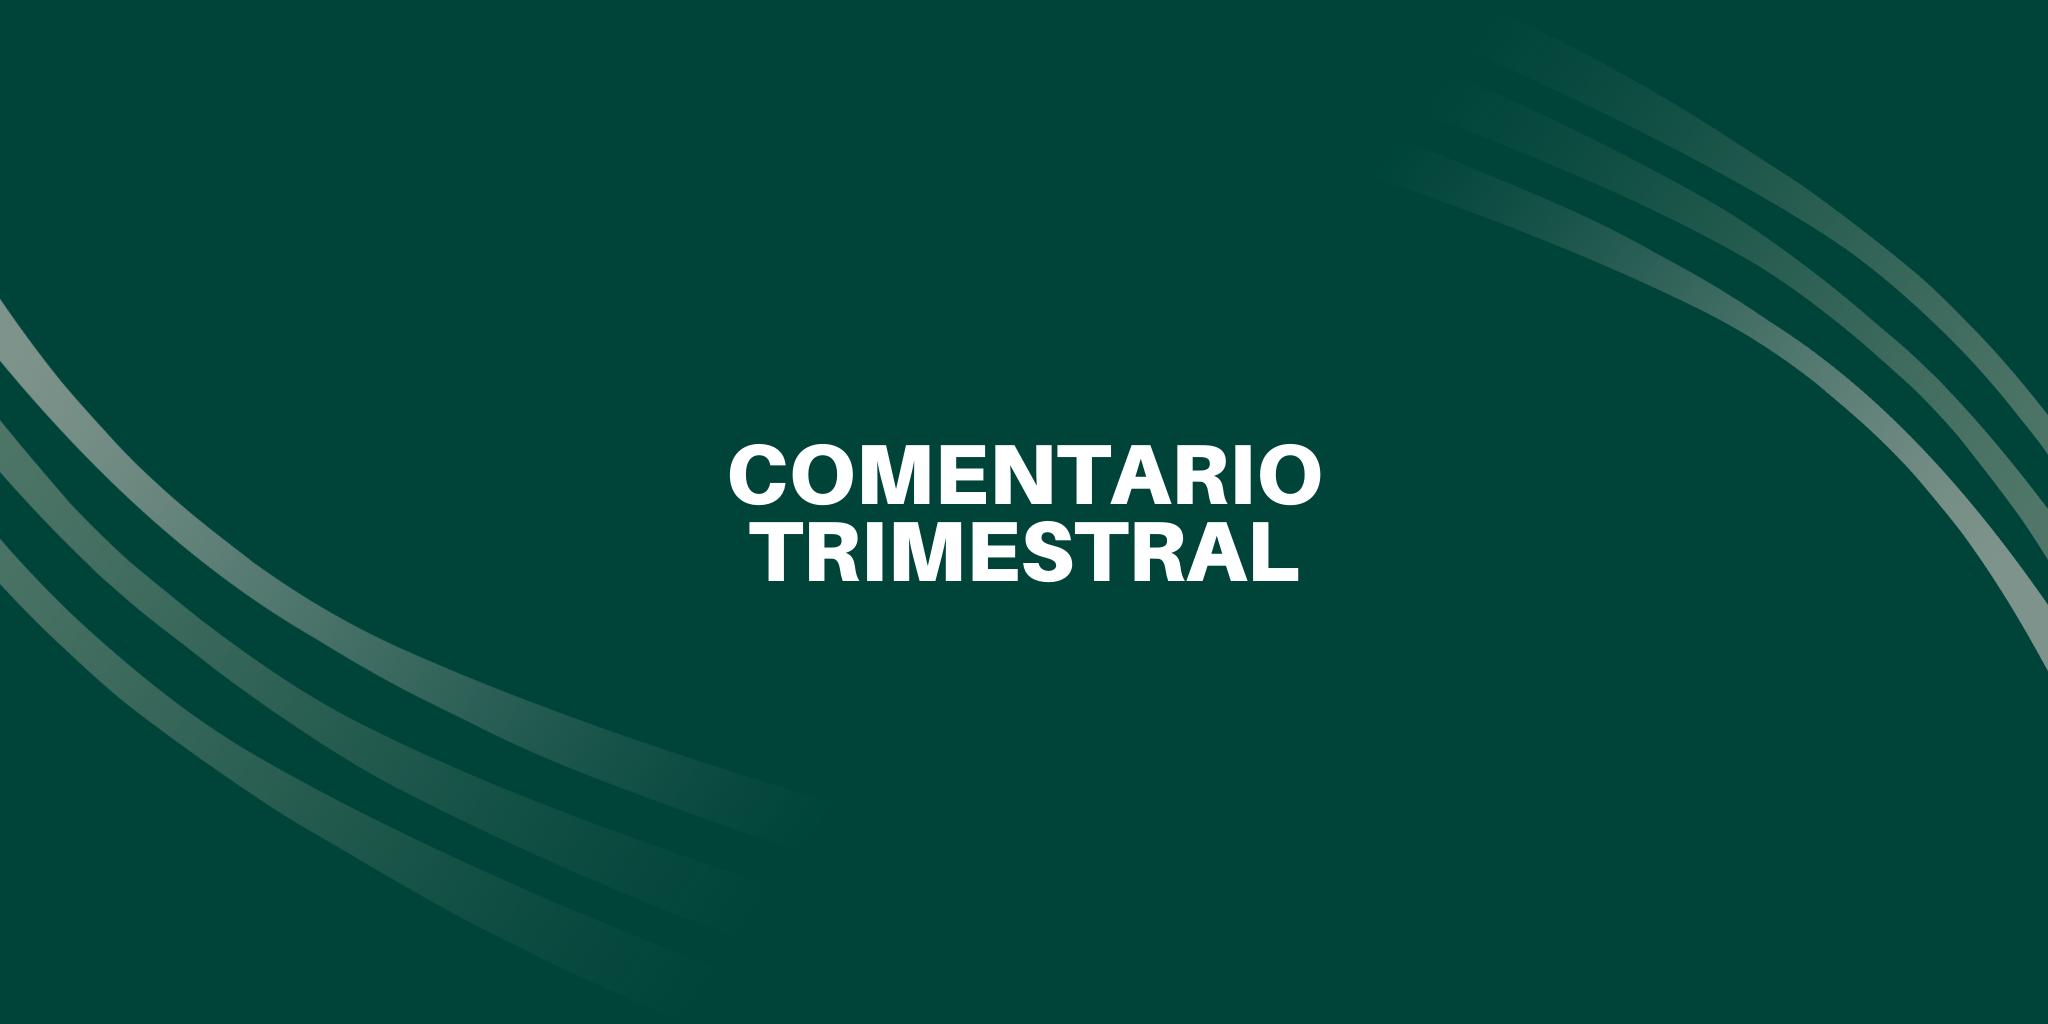 Comentario Trimestral Metagestión   Fondos de Inversión y planes de pensiones desde 1987